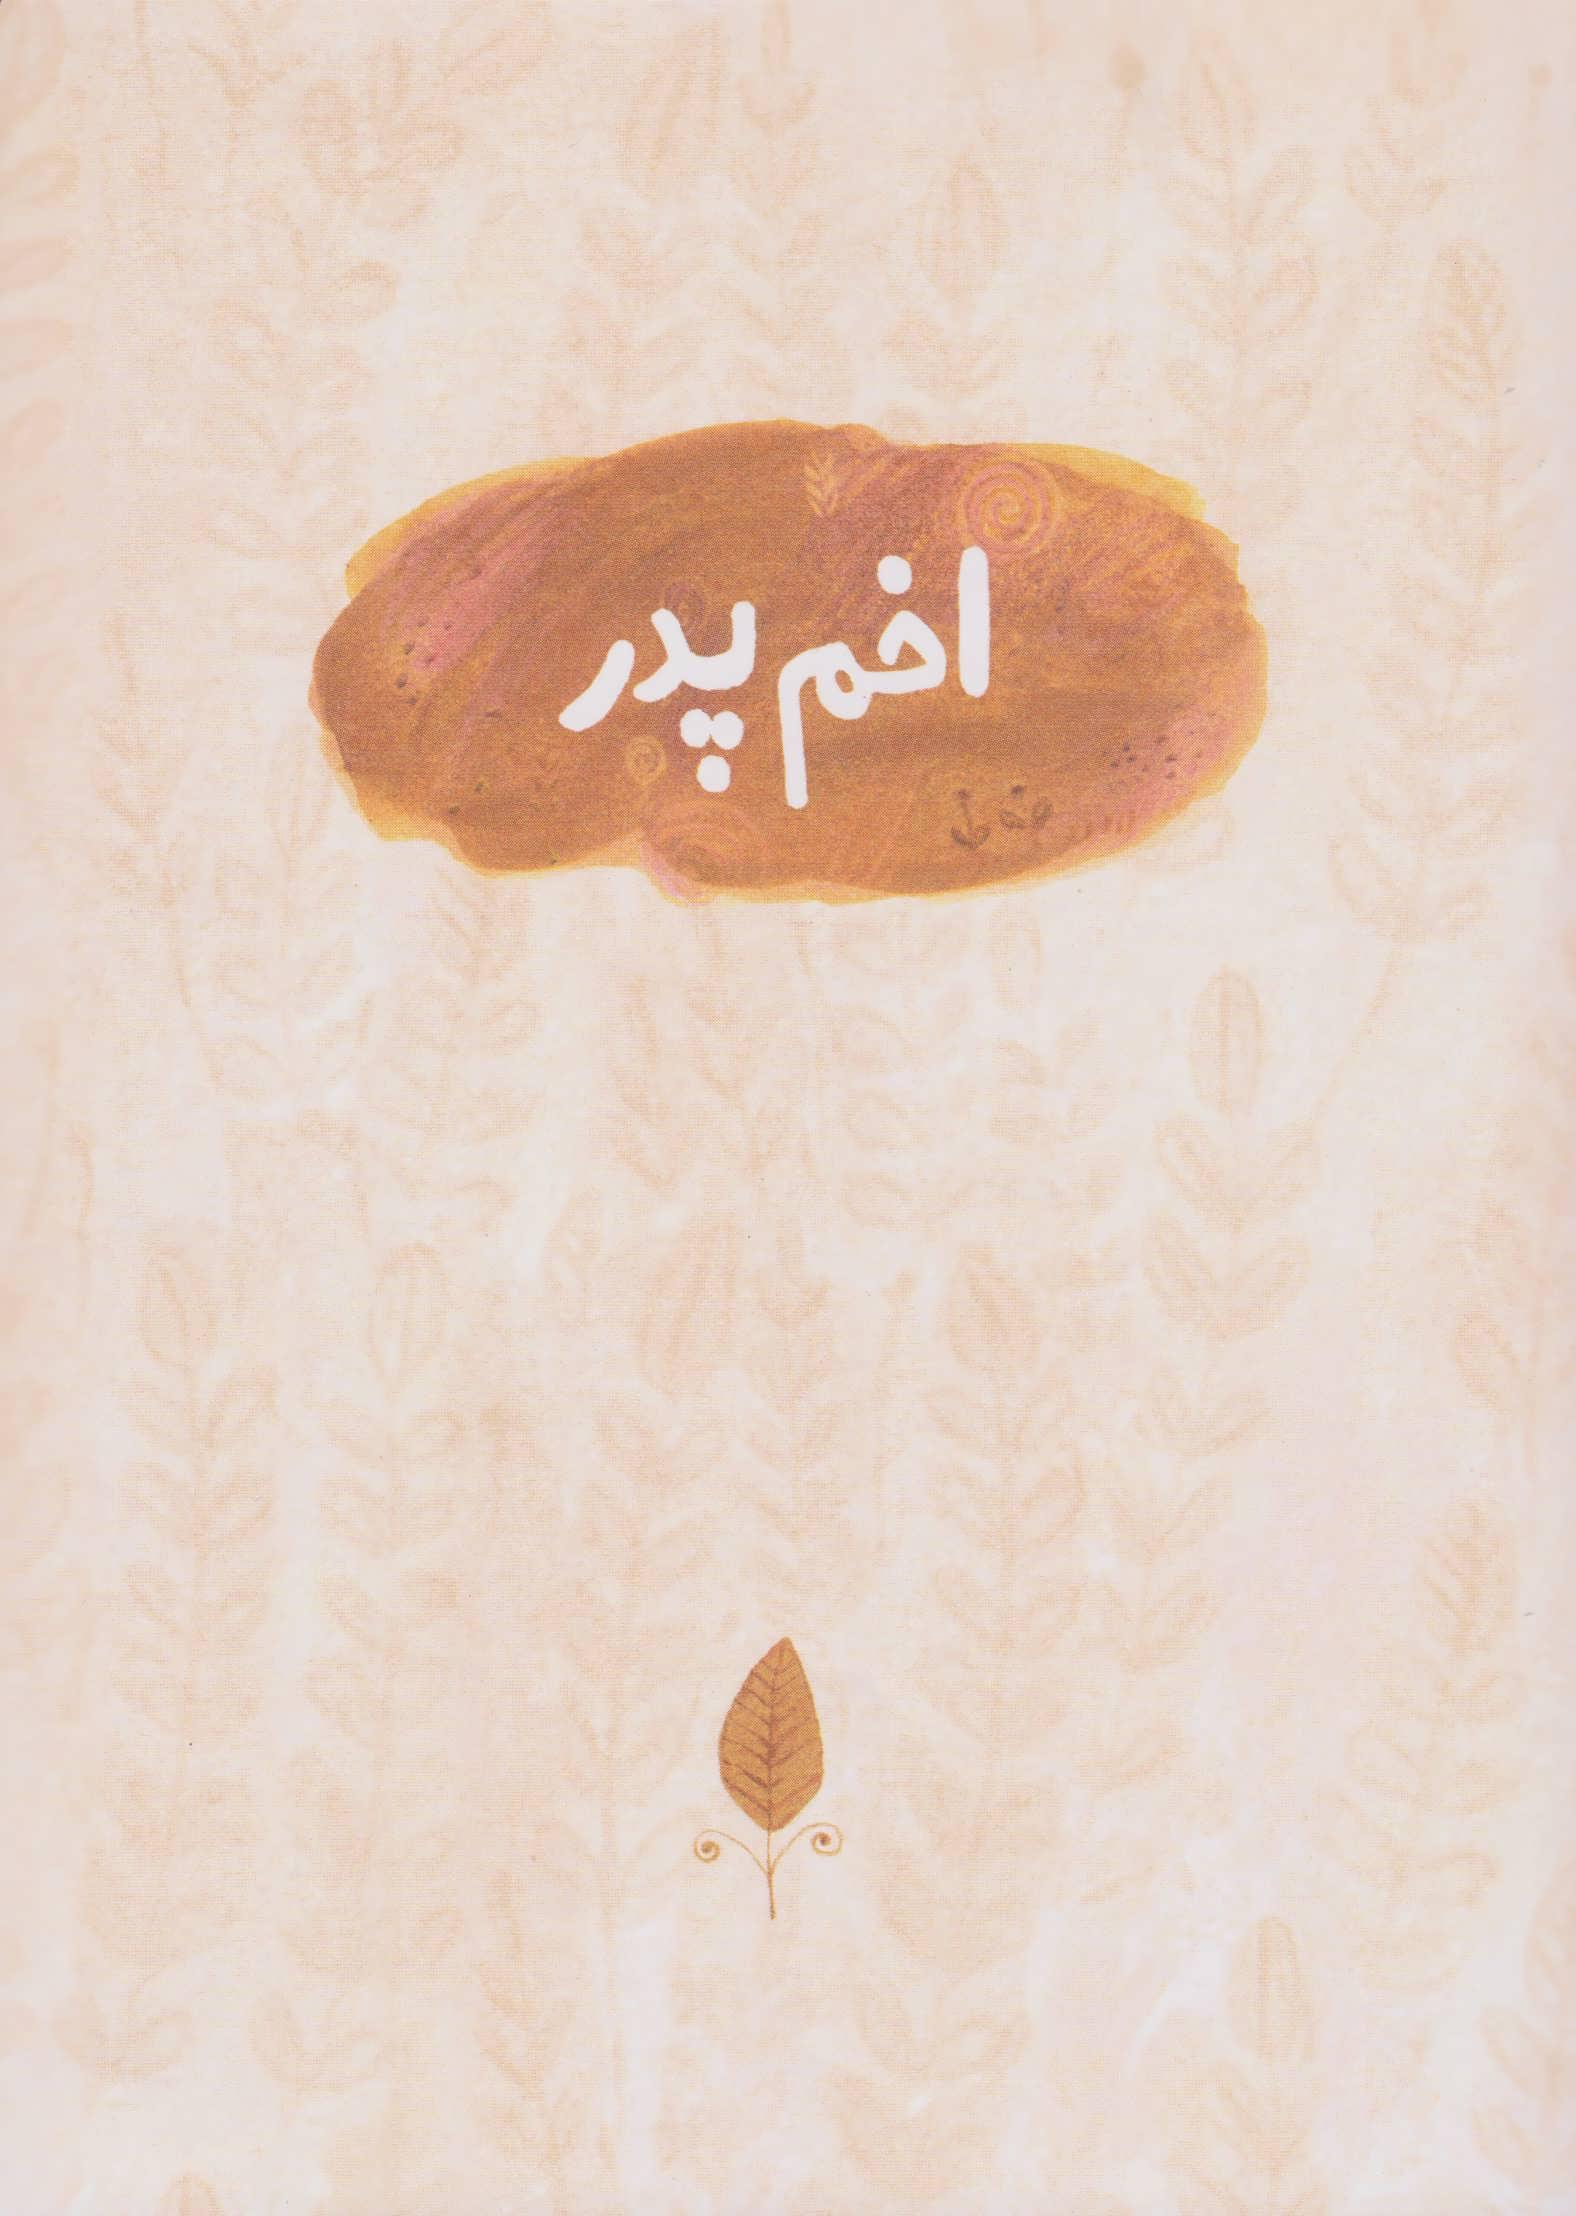 قصه های دخترانه 2 (عروس و کاروانش (فرازهایی از زندگی حضرت خدیجه))